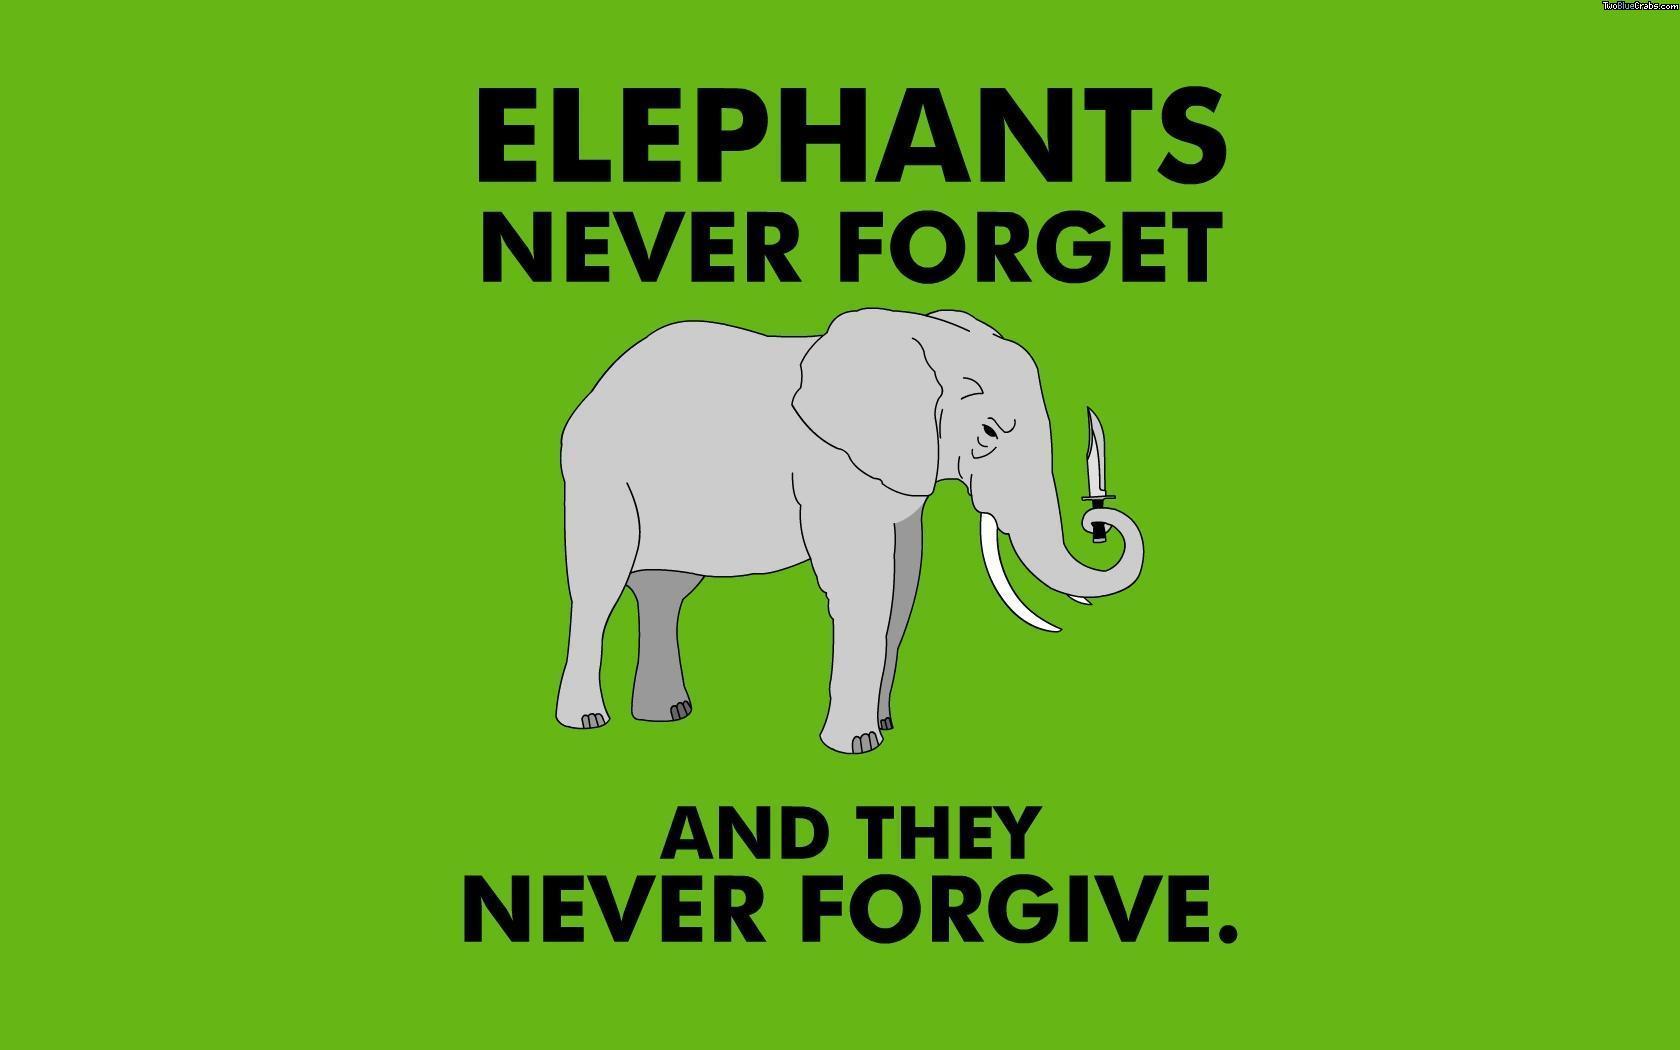 Se upp för hämndsugna elefanter